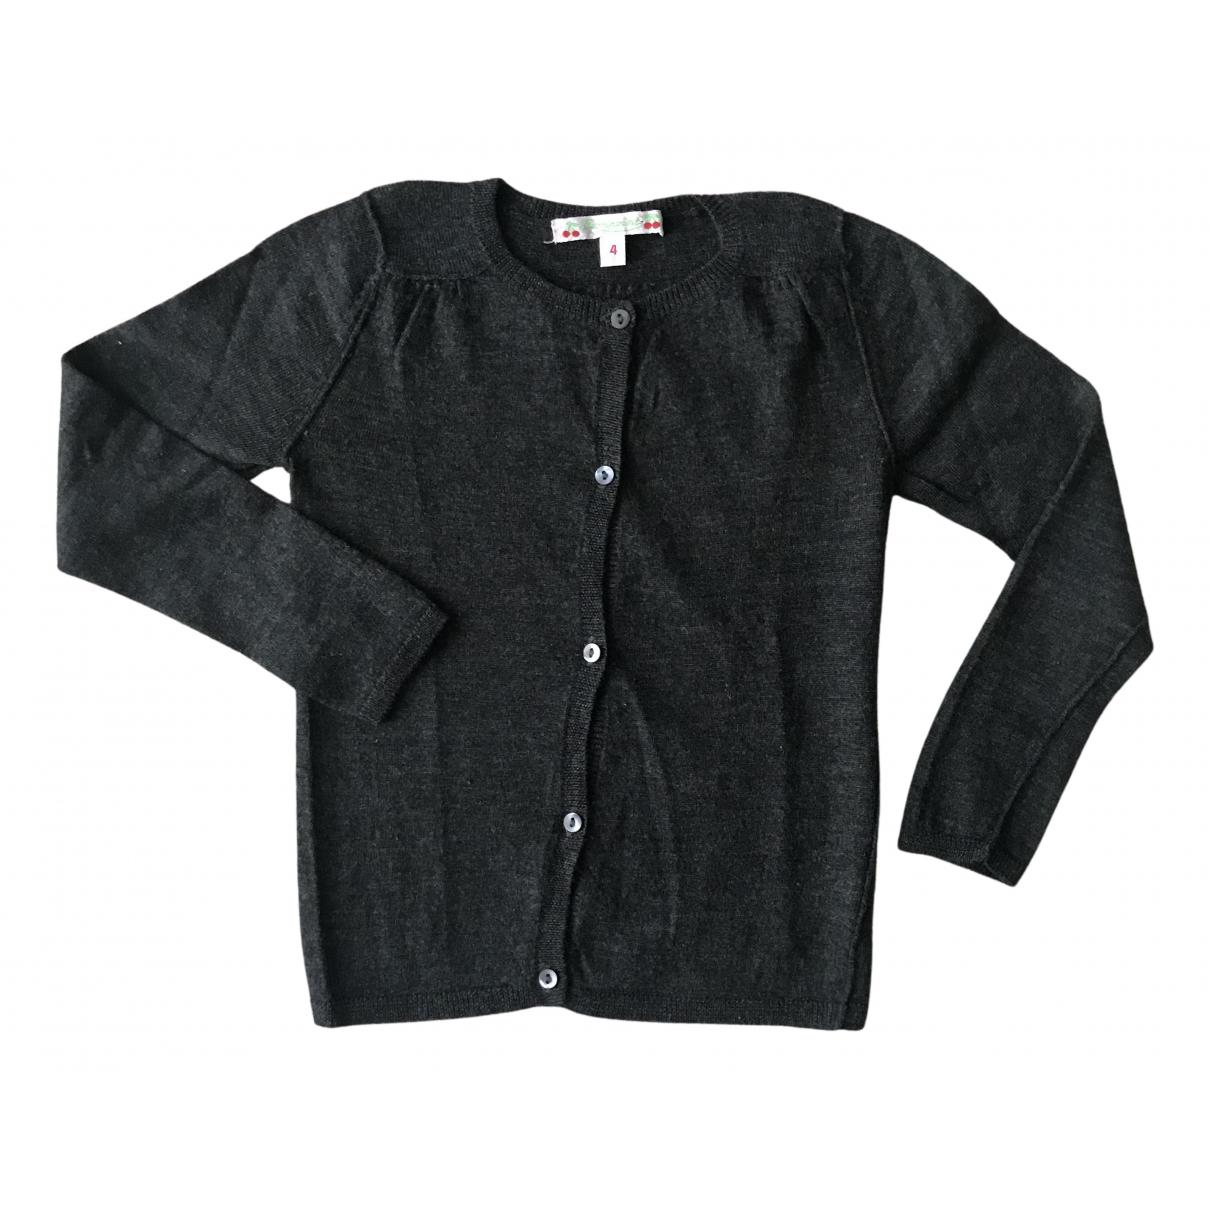 Bonpoint - Pull   pour enfant en laine - anthracite